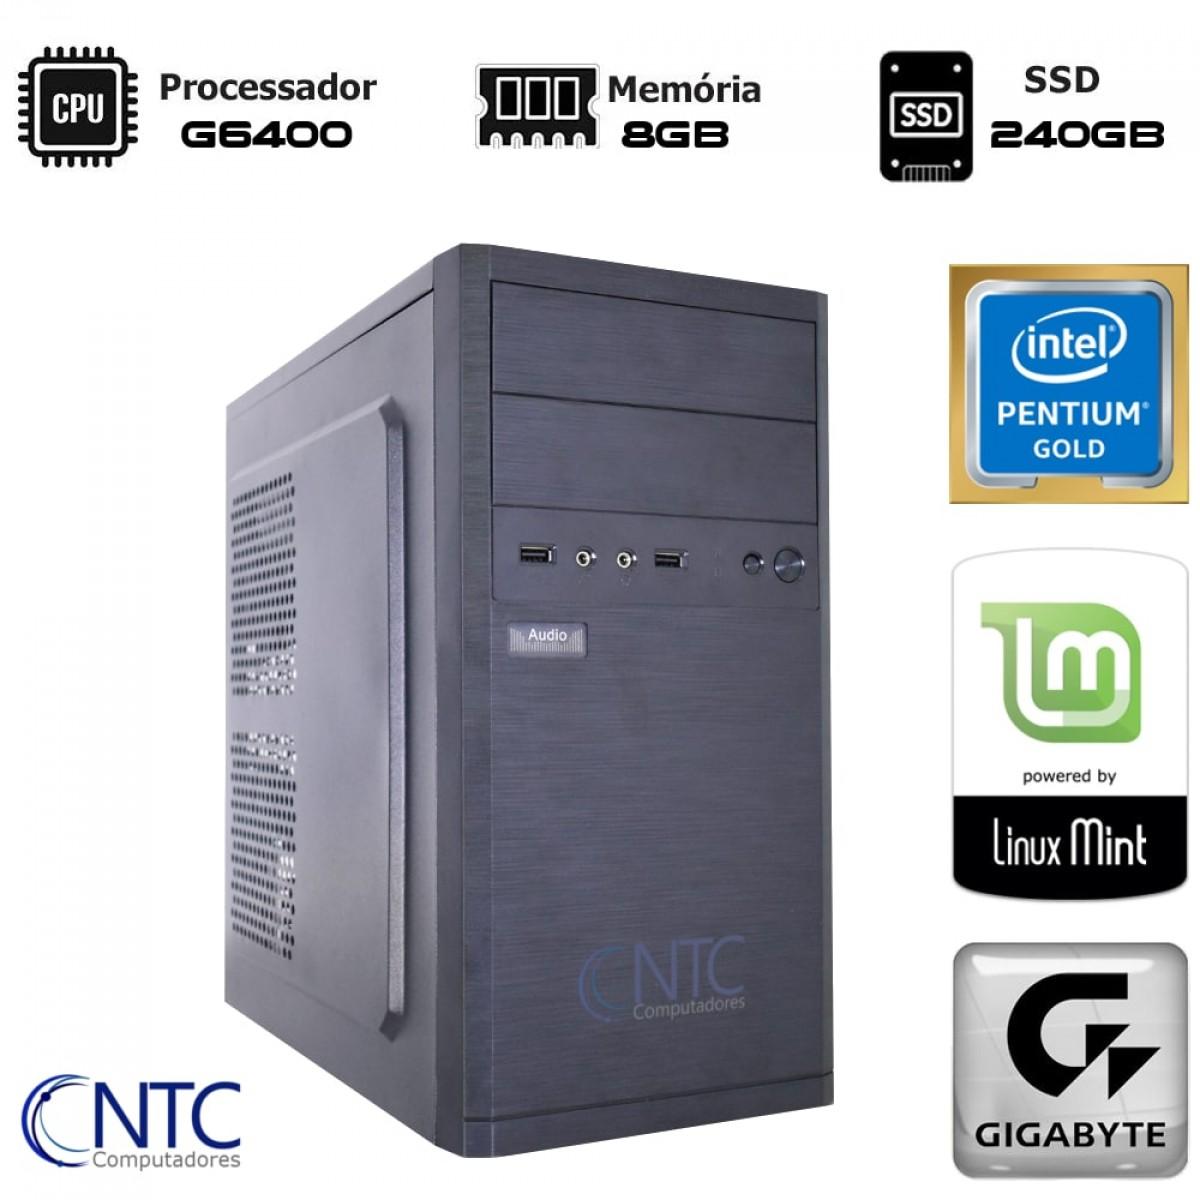 Computador NTC T-Home Intel Pentium G6400 / 8GB DDR4 / SSD 240GB / Linux